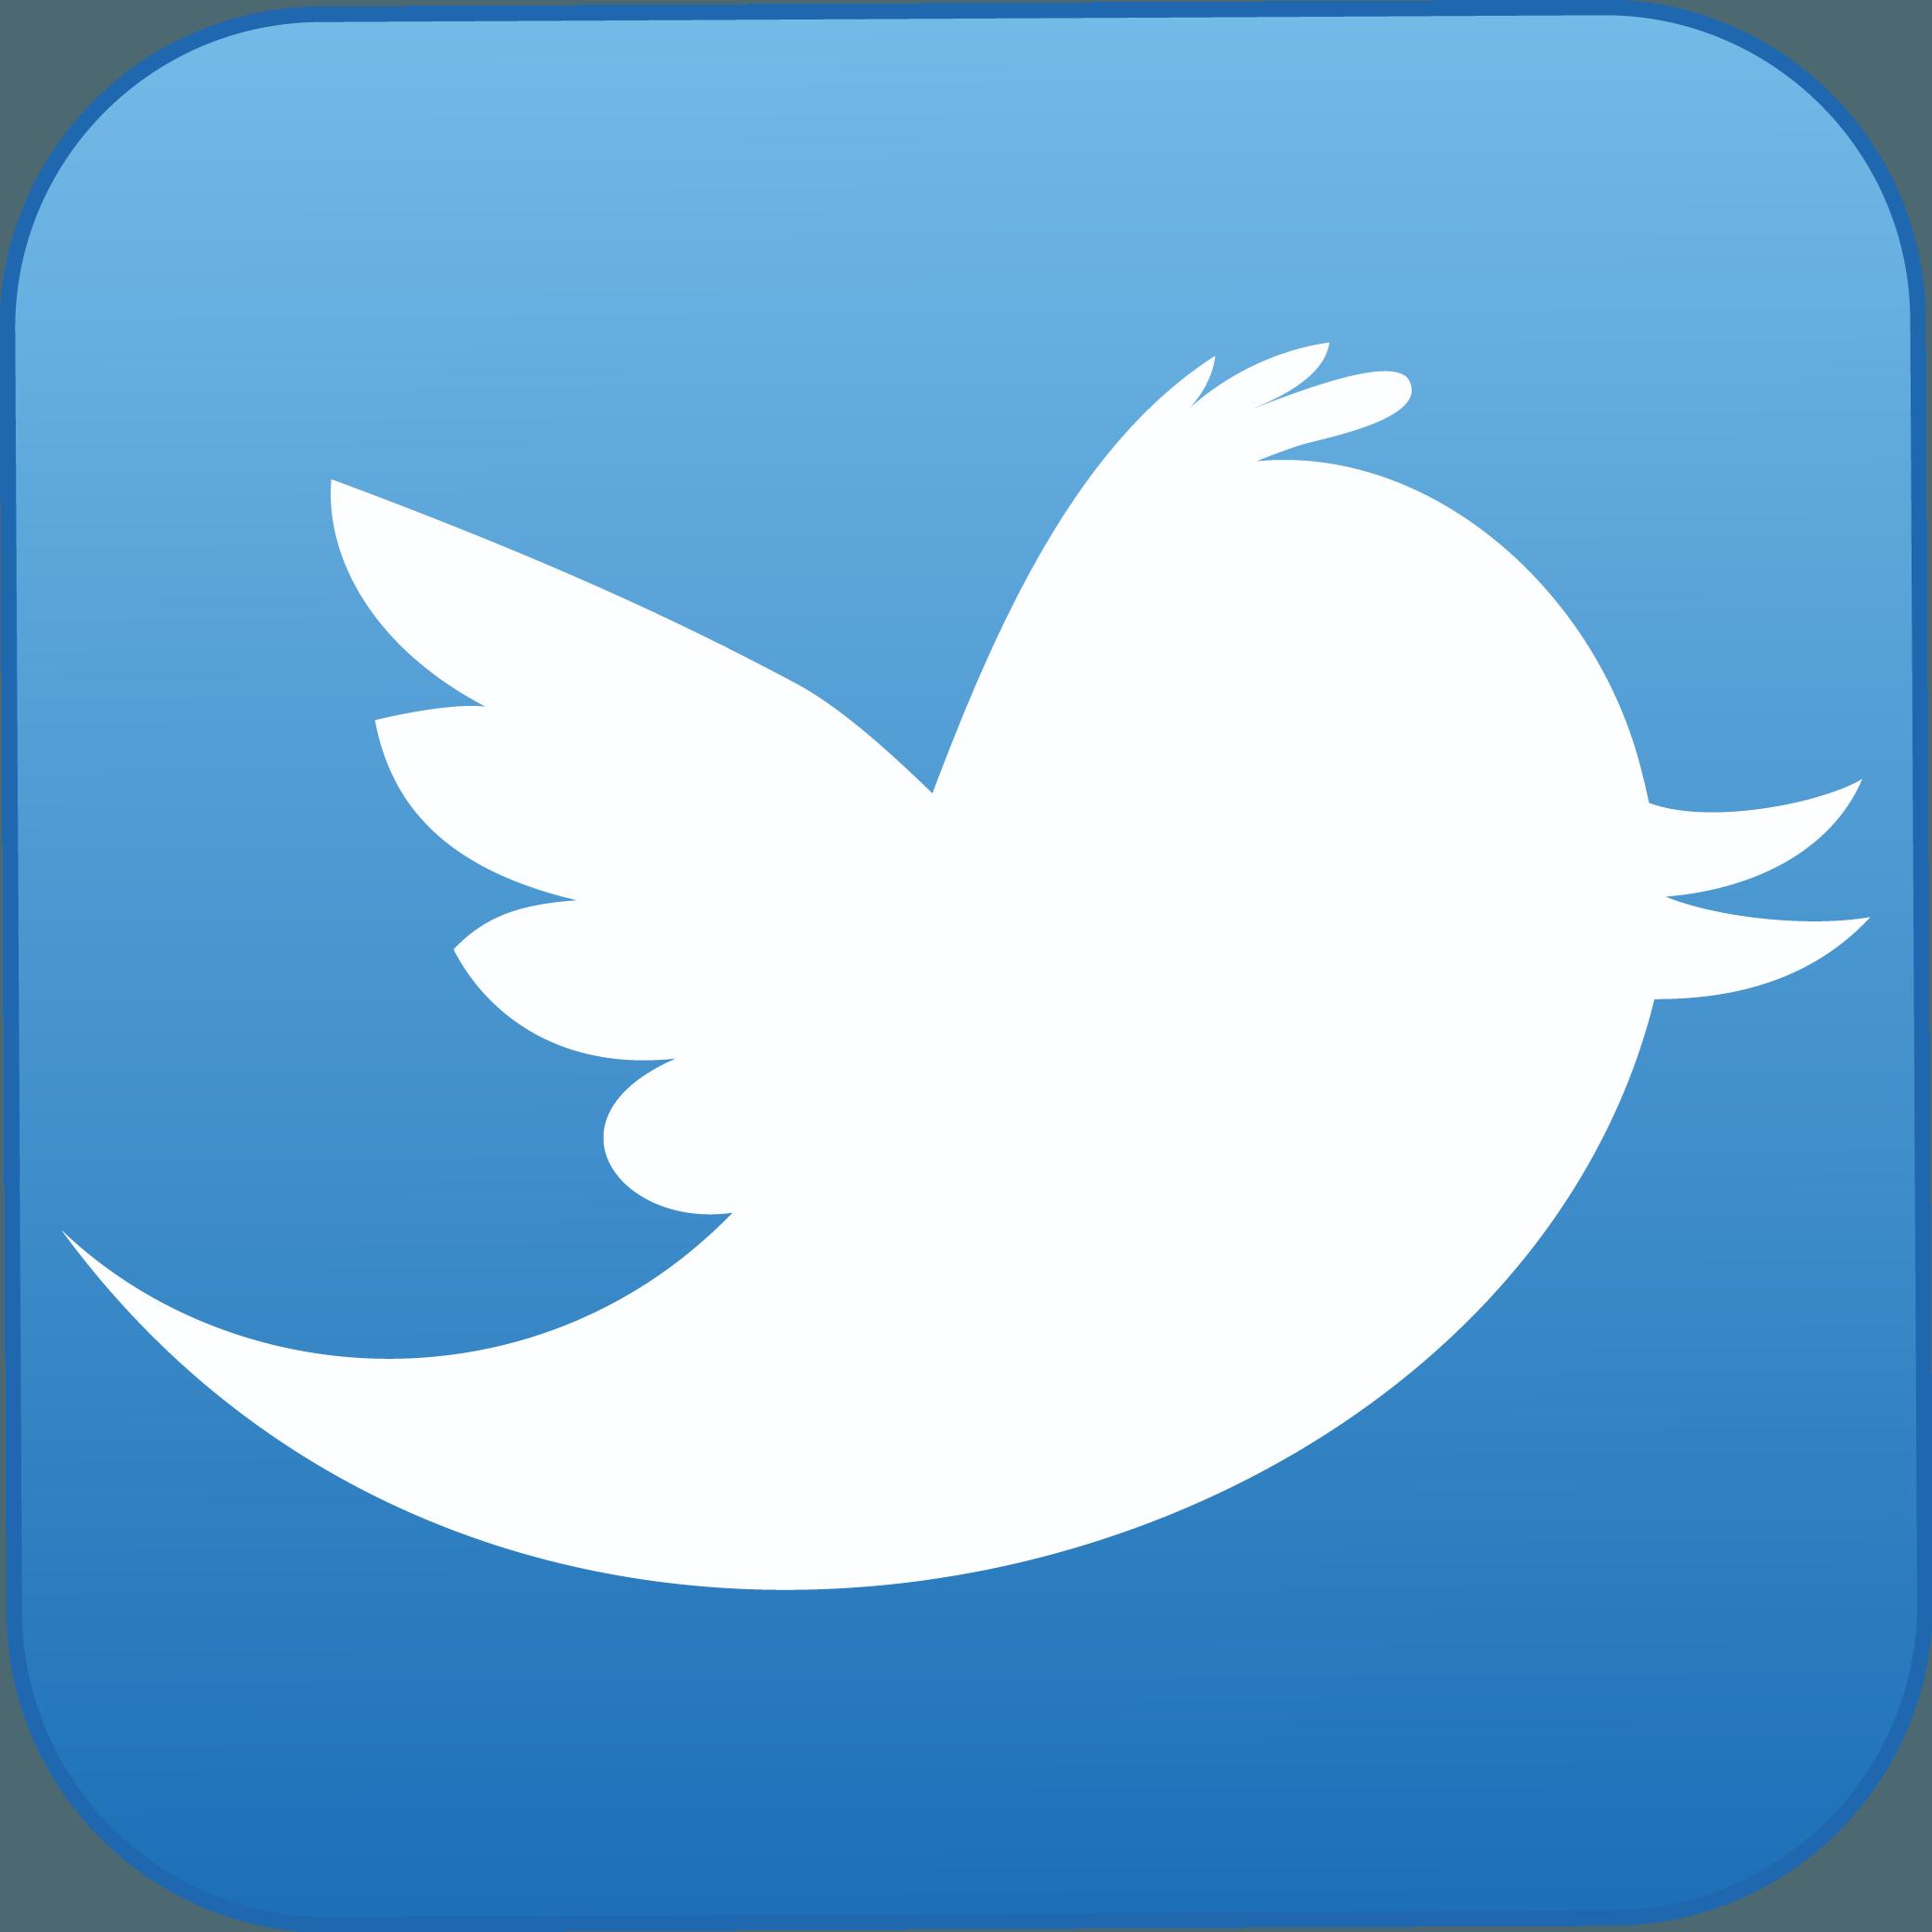 Twitter logo - https://www.twitter.com/potsdamchamber/